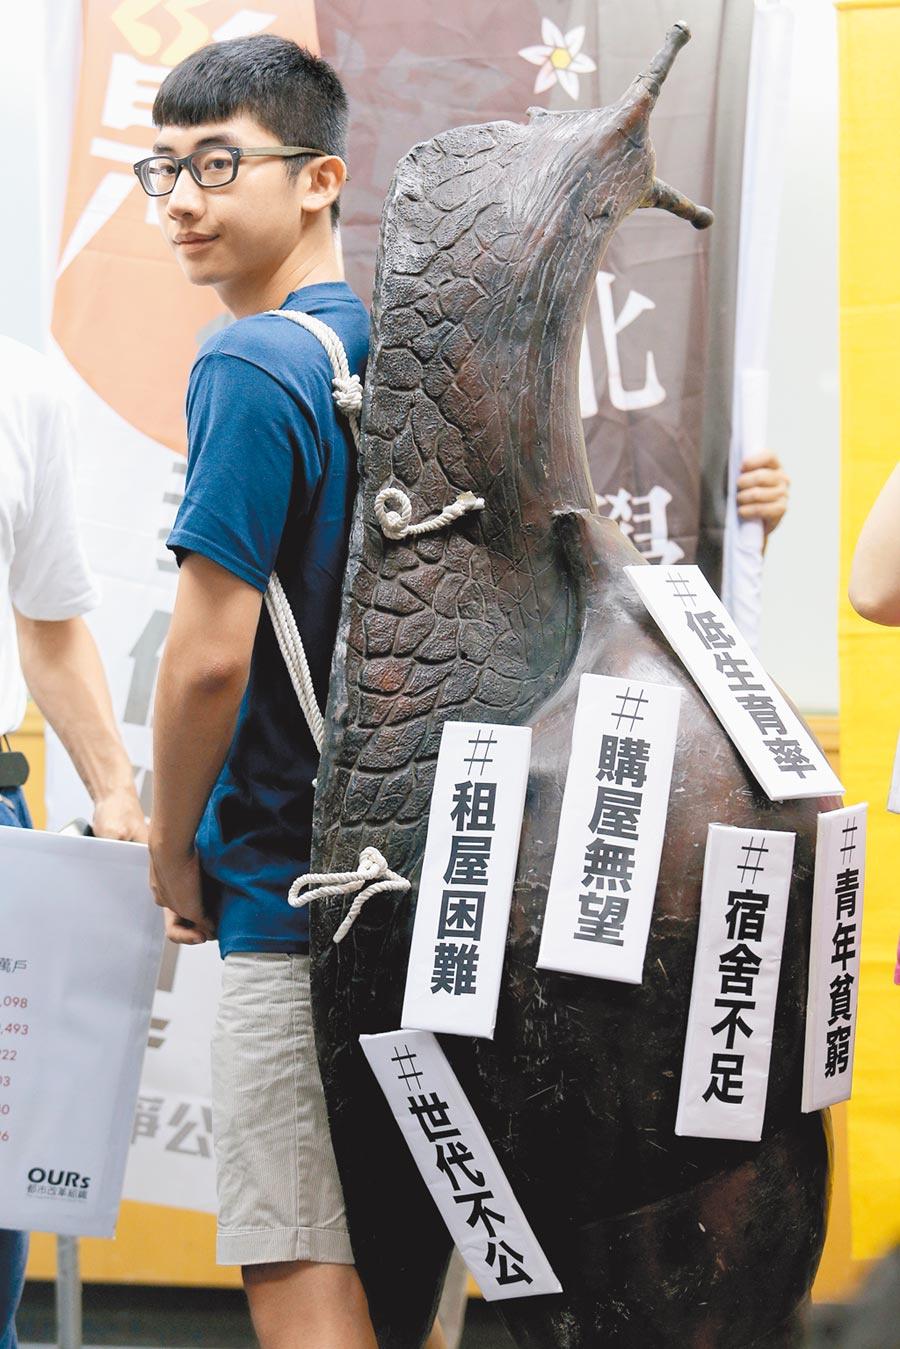 台内政部门亮数据 称台湾没囤房